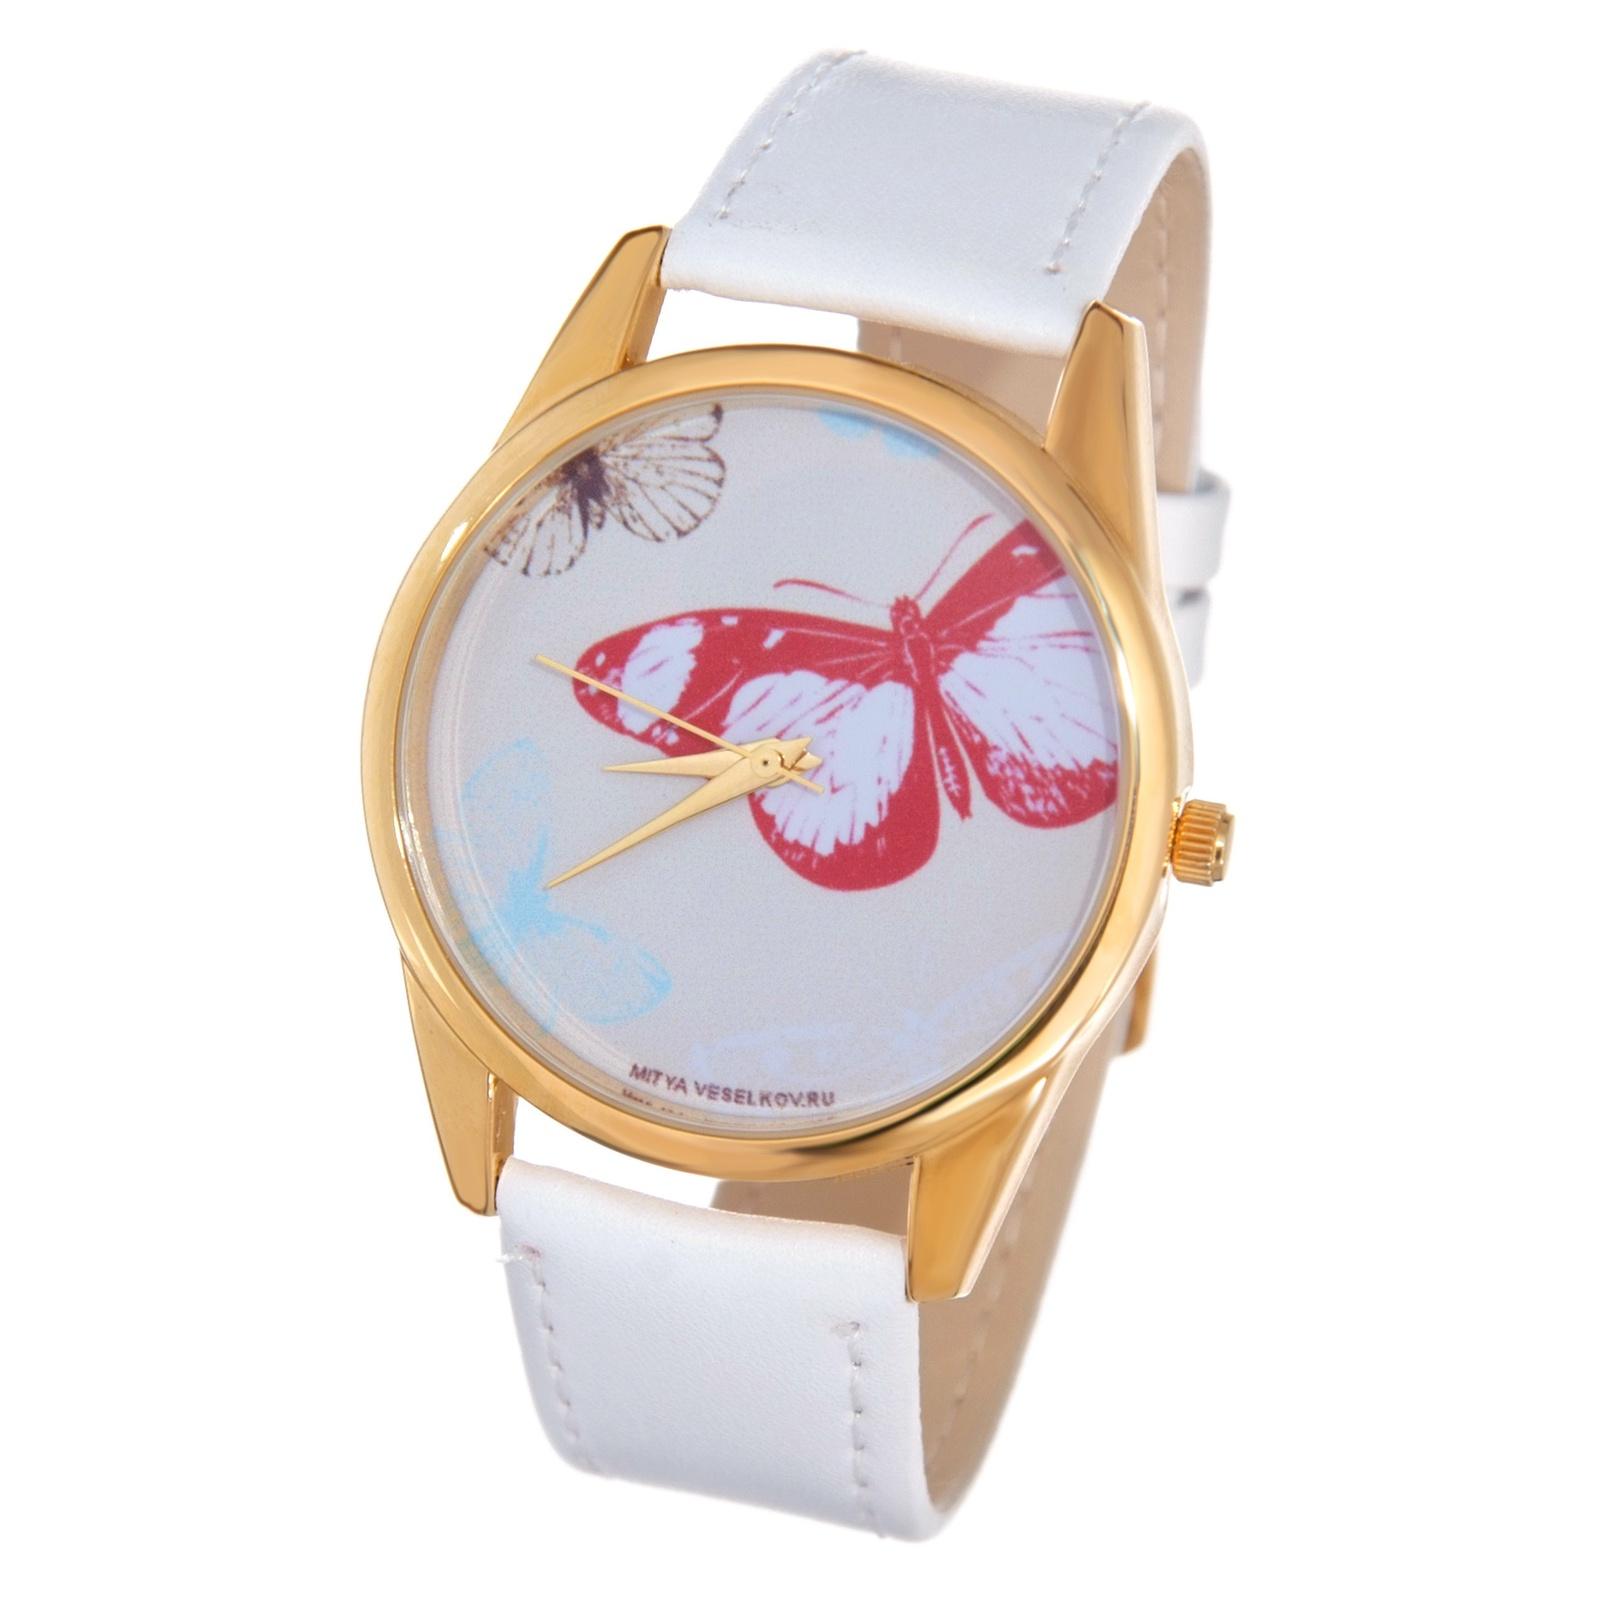 Наручные часы Mitya Veselkov Shine06 все цены